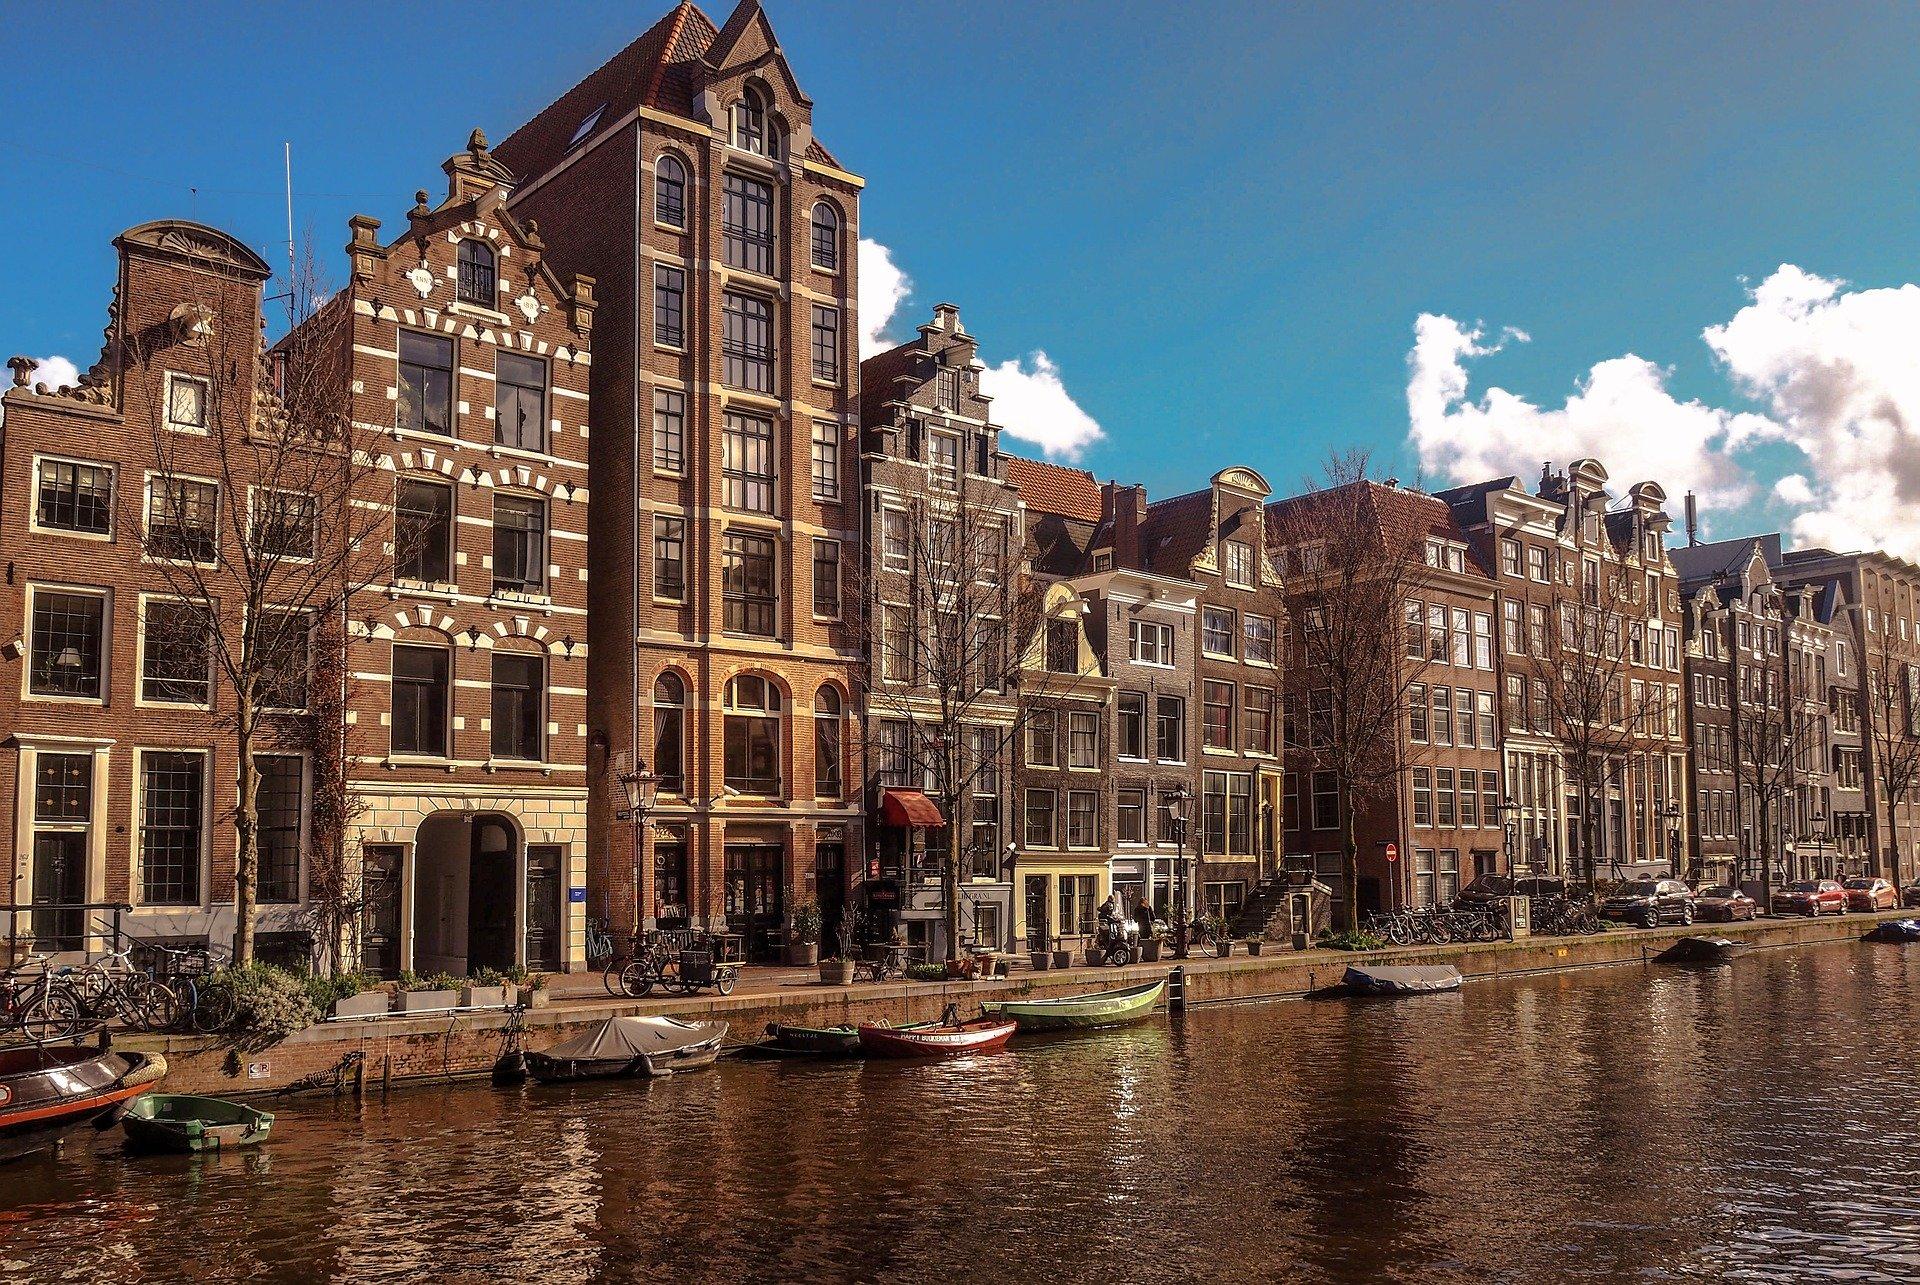 Minikreuzfahrt nach Amsterdam: Ausflugsziele, Tipps & Sehenswürdigkeiten